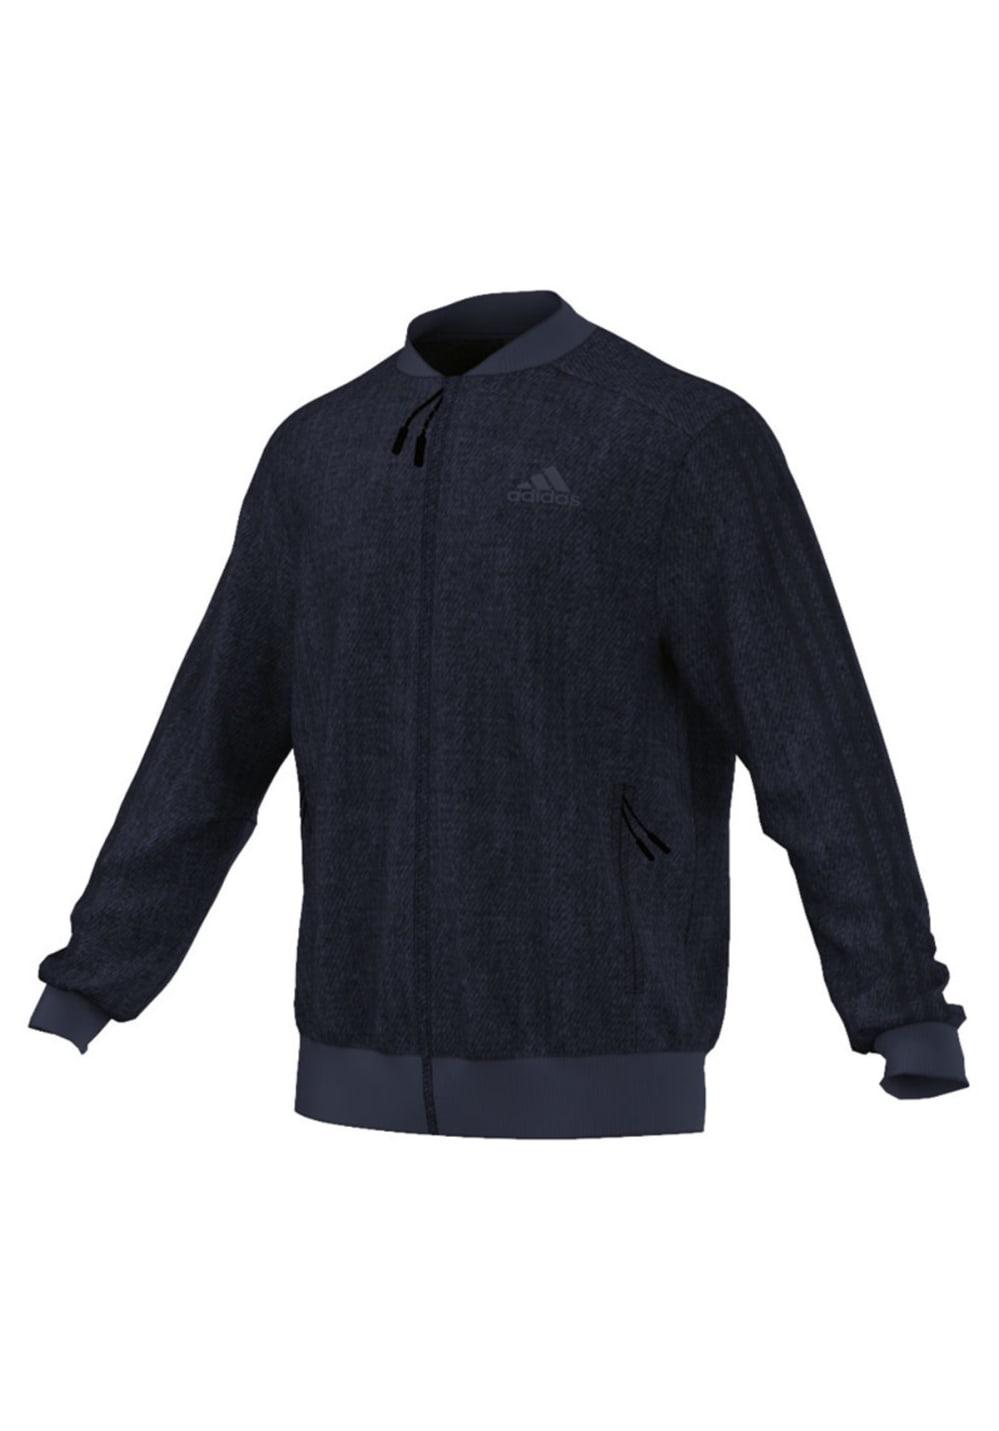 Artikel klicken und genauer betrachten! - Adidas Denim American Sports Jacke Diese robuste Jacke für Männer im Denim-Look ist eine sportliche Neuinterpretation eines klassischen Styles. mit ihrem durchgehenden Reißverschluss, Rippkragen, gerippten Bündchen und geripptem Saum bleibt Wärme drinnen und Kälte draußen. Reißverschlusstaschen gewähren einfachen Zugriff auf alles, was man so braucht. seitliche Reißverschlusstaschen Durchgehender Reißverschluss; Rippkragen; Bündchen und Saum gerippt Ton in Ton gehaltene 3-Streifen an den Ärmeln Reguläre Passform Maschinenwaschbar bei 30 °C, bei niedriger Temperatur im Trockner trocknen und bügeln, nicht über Das Logo bügeln und nicht chemisch reinigen! 82 % Baumwolle / 18 % Polyester (Doppelstrick) -seitliche Reißverschlusstaschen -Durchgehender Reißverschluss; Rippkragen; Bündchen und Saum gerippt -Ton in Ton gehaltene 3-Streifen an den Ärmeln -Reguläre Passform -Maschinenwaschbar bei 30°C, bei niedriger Temperatur im Trockner trocknen und bügeln, nicht über Das Logo bügeln und nicht chemisch reinigen! -82 % Baumwolle / 18 % Polyester (Doppelstrick) | im Online Shop kaufen